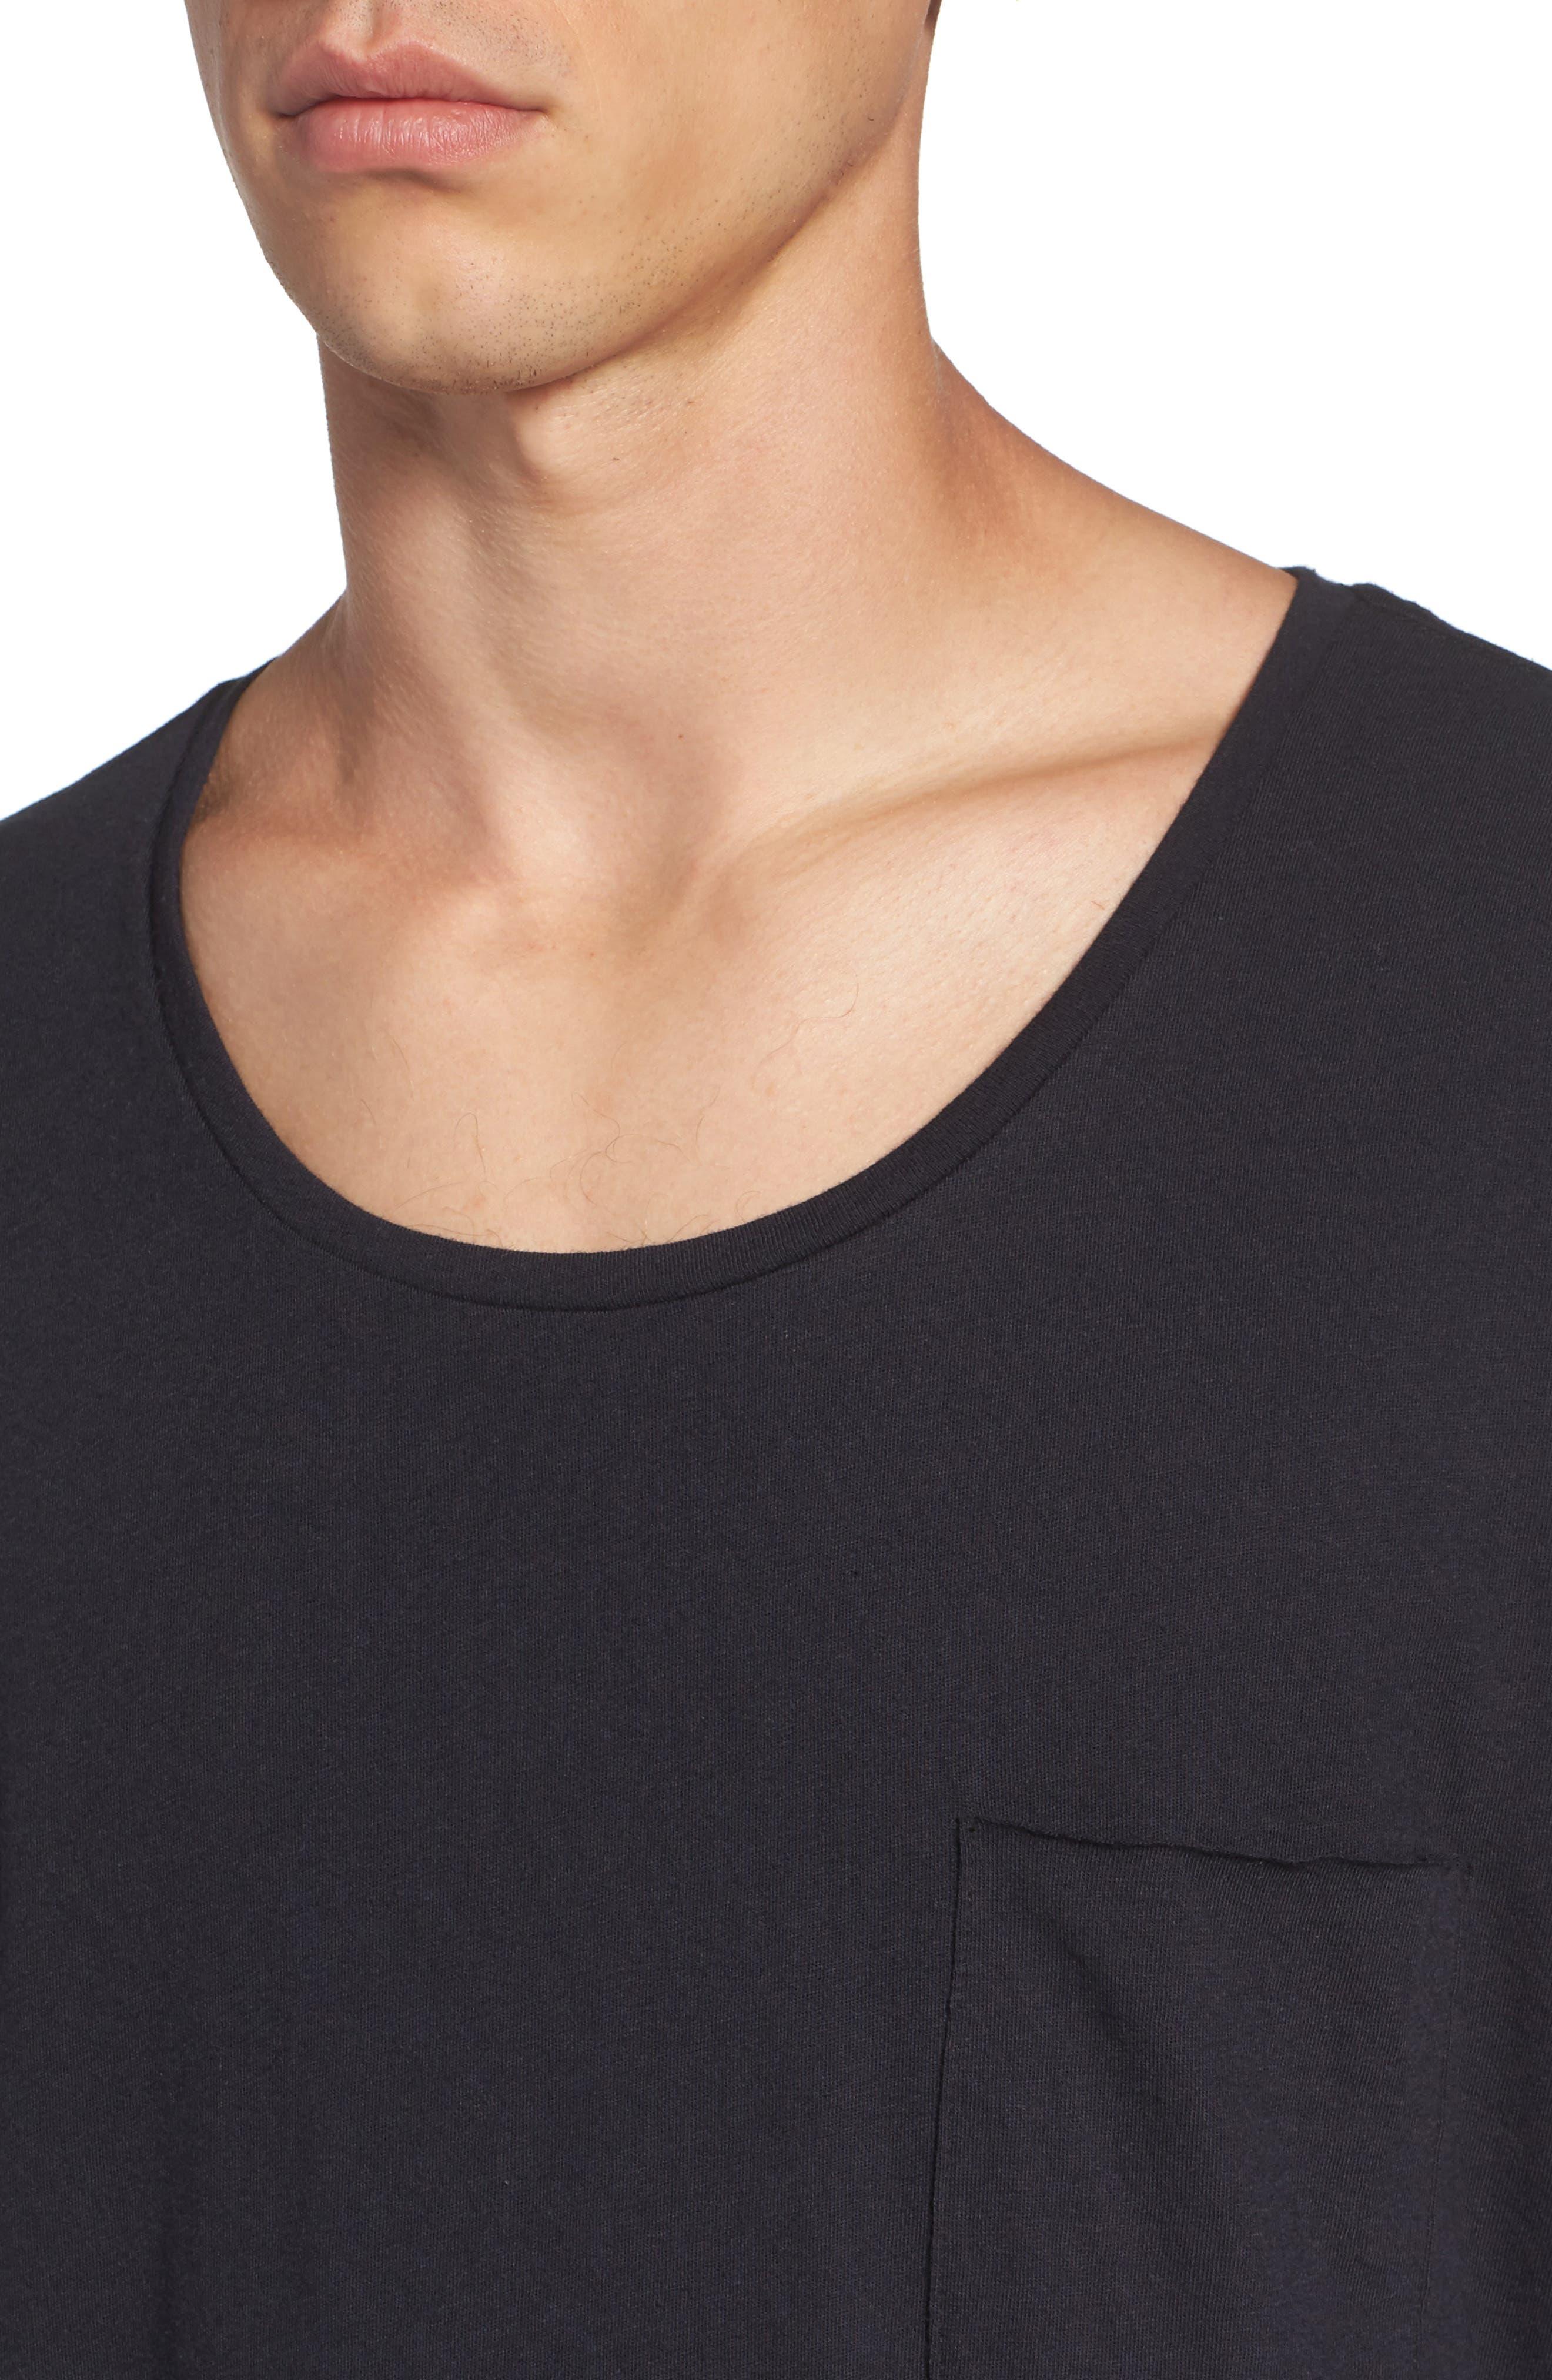 Shirttail T-Shirt,                             Alternate thumbnail 4, color,                             Black Rock